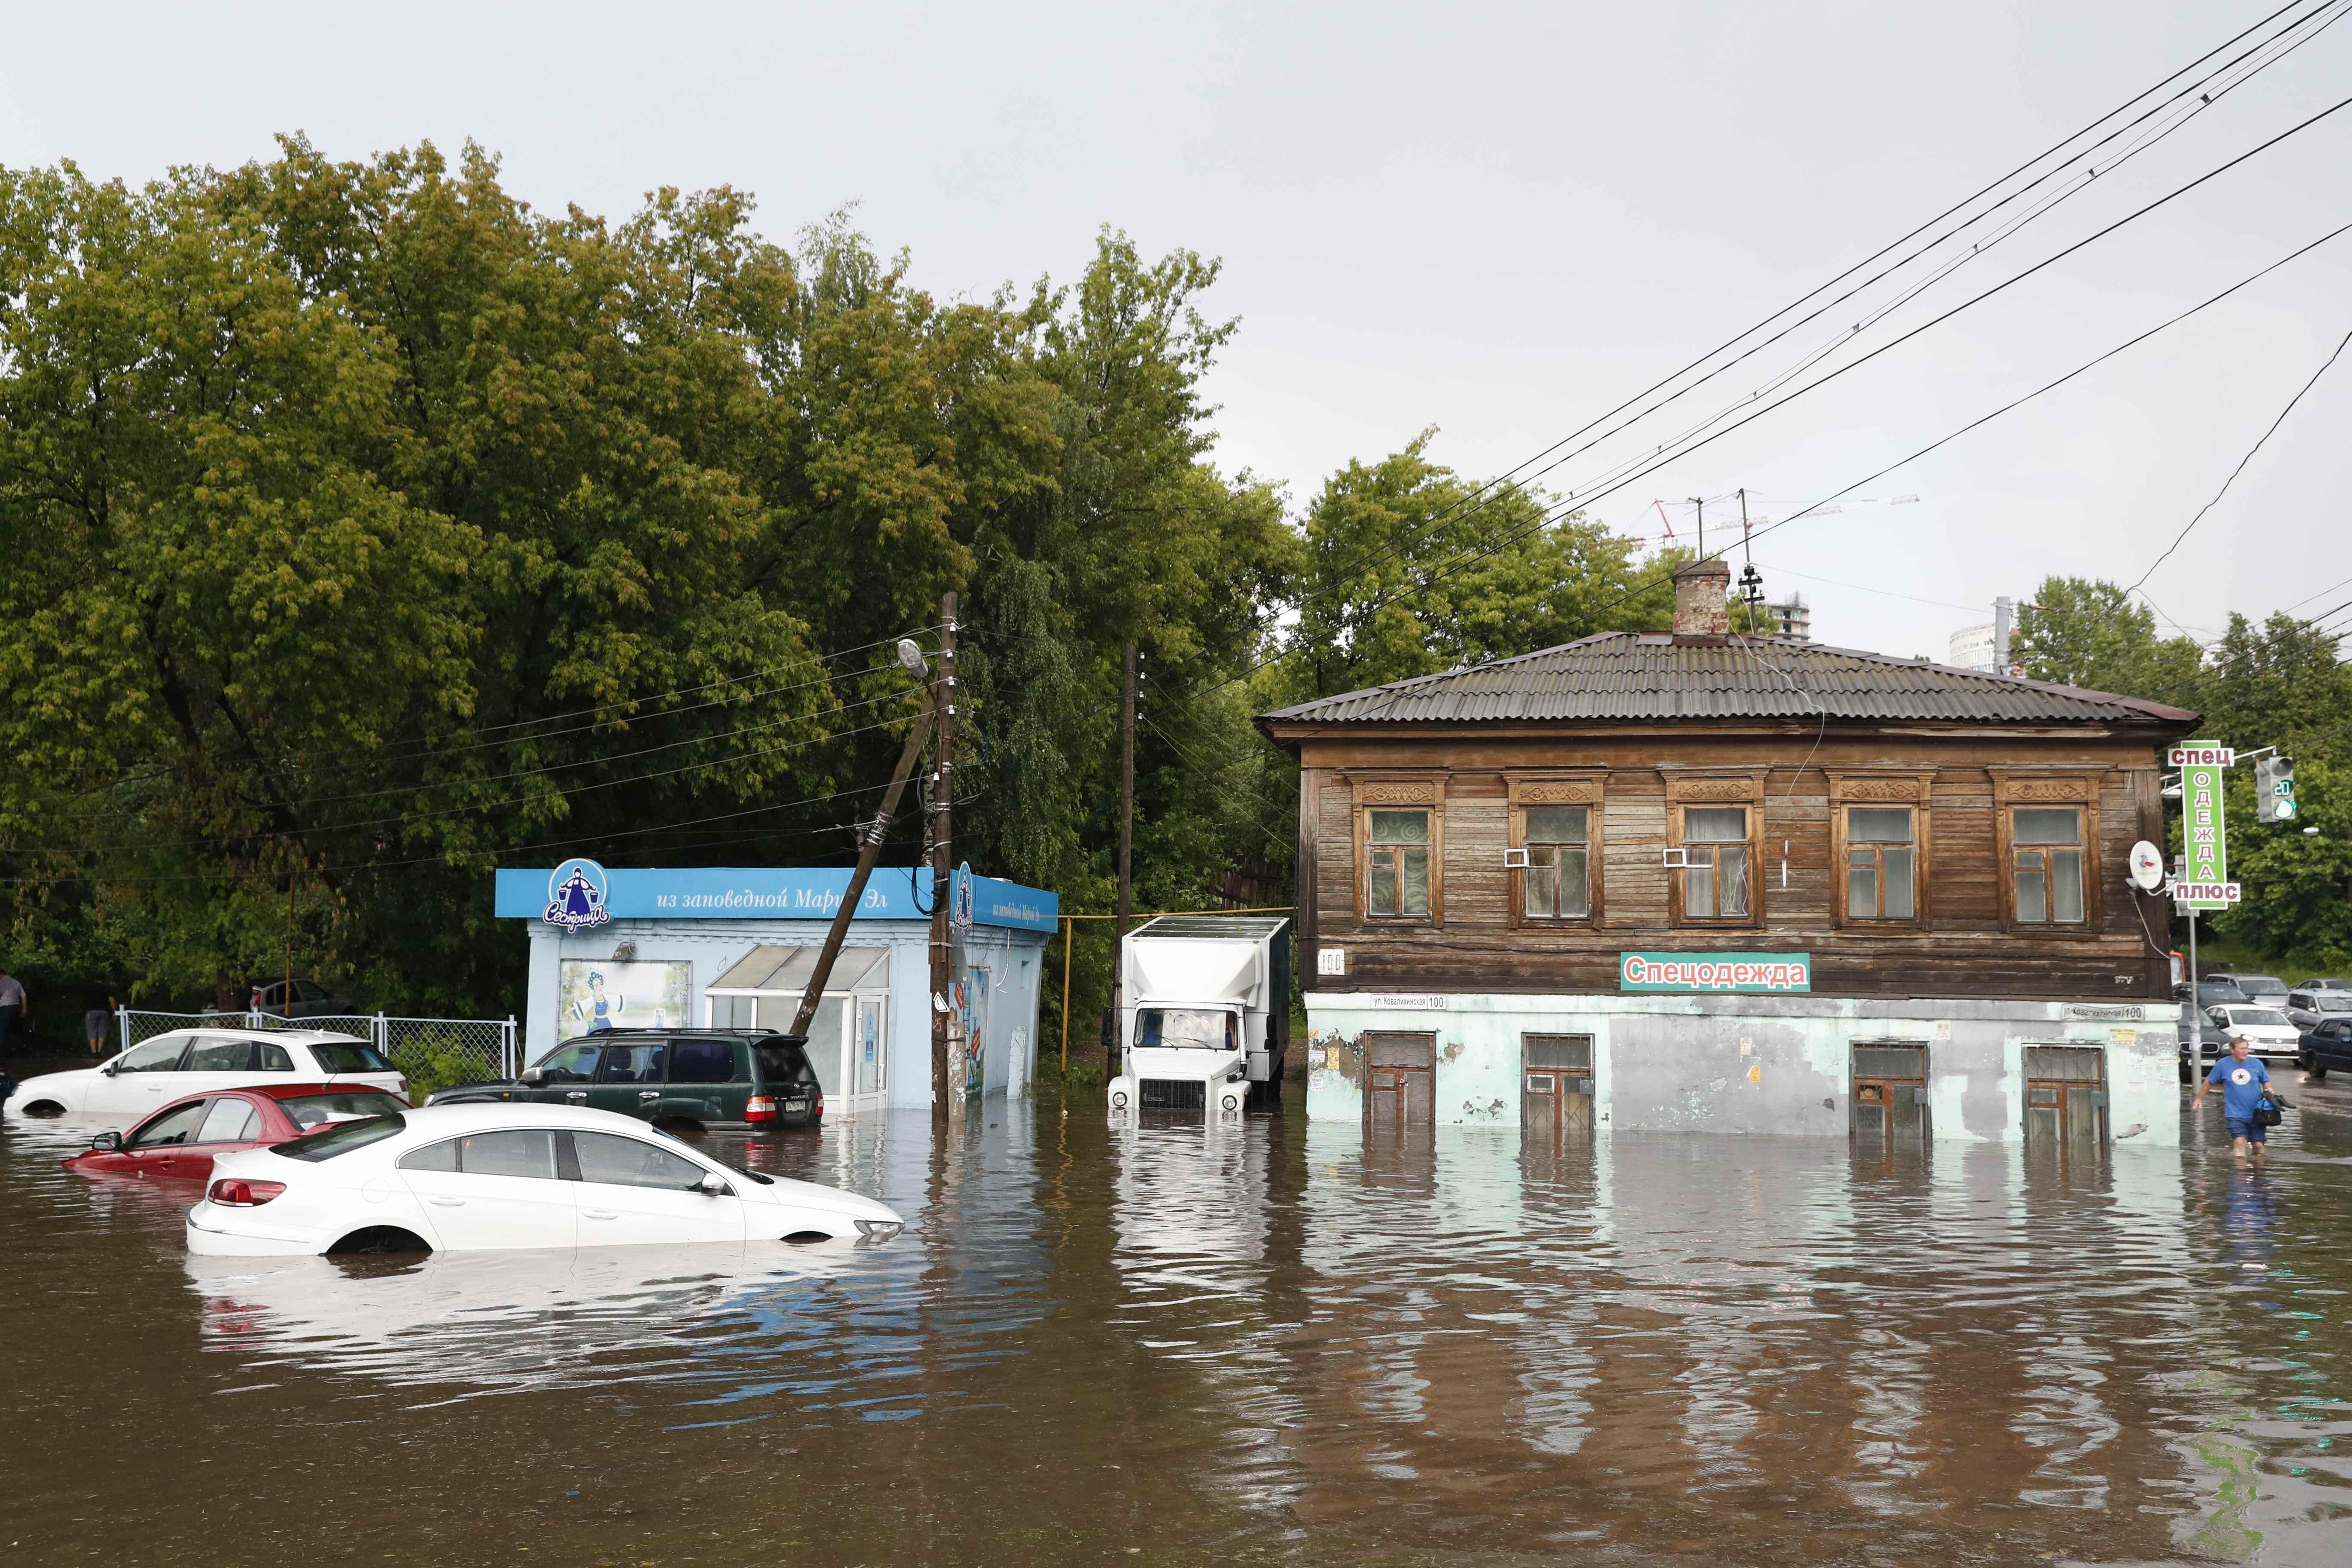 ارتفاع منسوب المياه فى شوارع المدينة الروسية بعد الأمطار